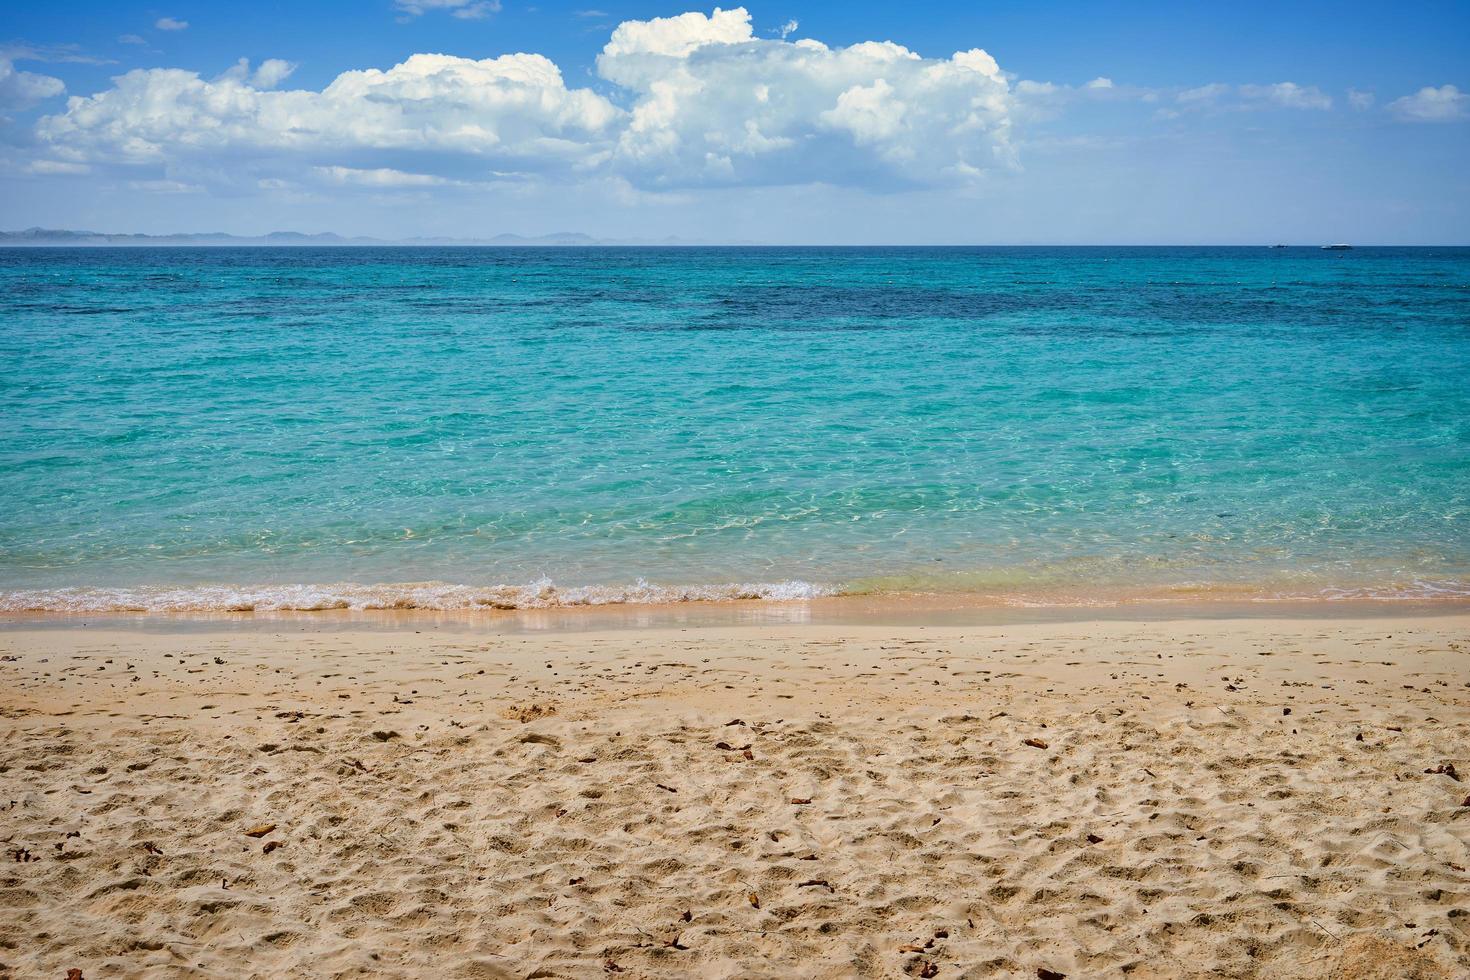 praia e água com céu azul nublado foto